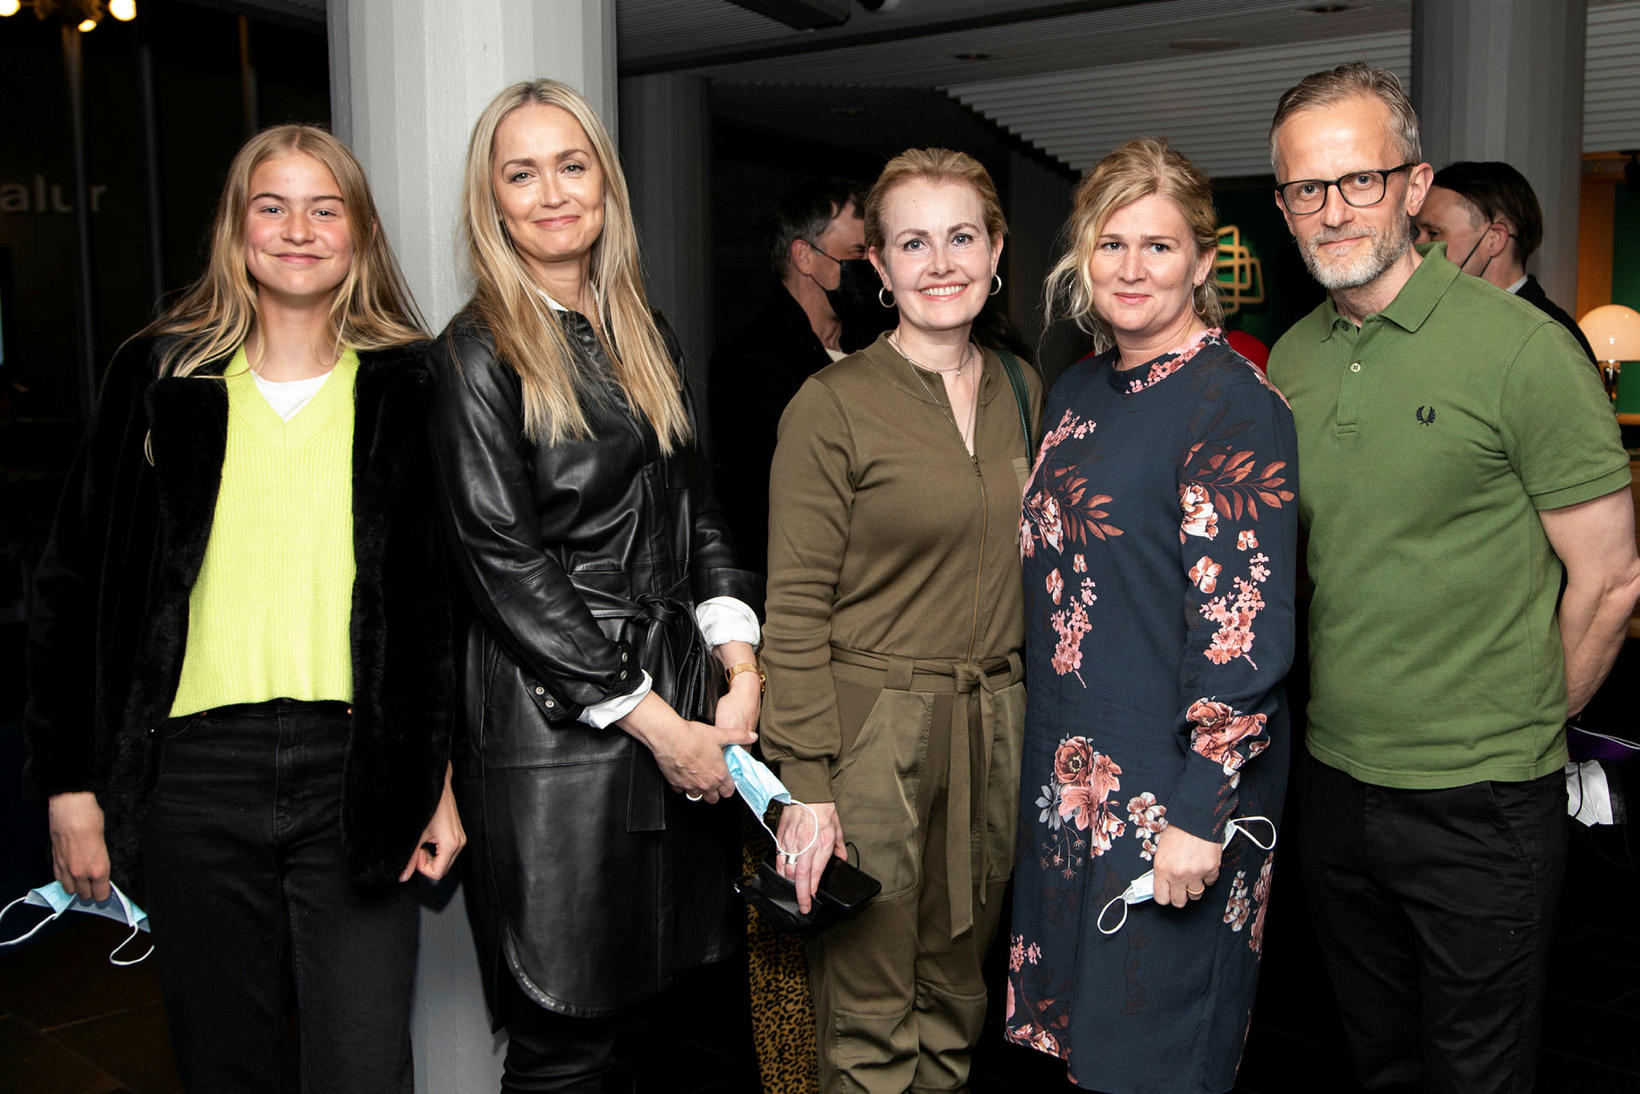 Helena Lapas, Jóna Björk Helgadóttir, Ásdís Magnúsdóttir, Halla Grétarsdóttir og …